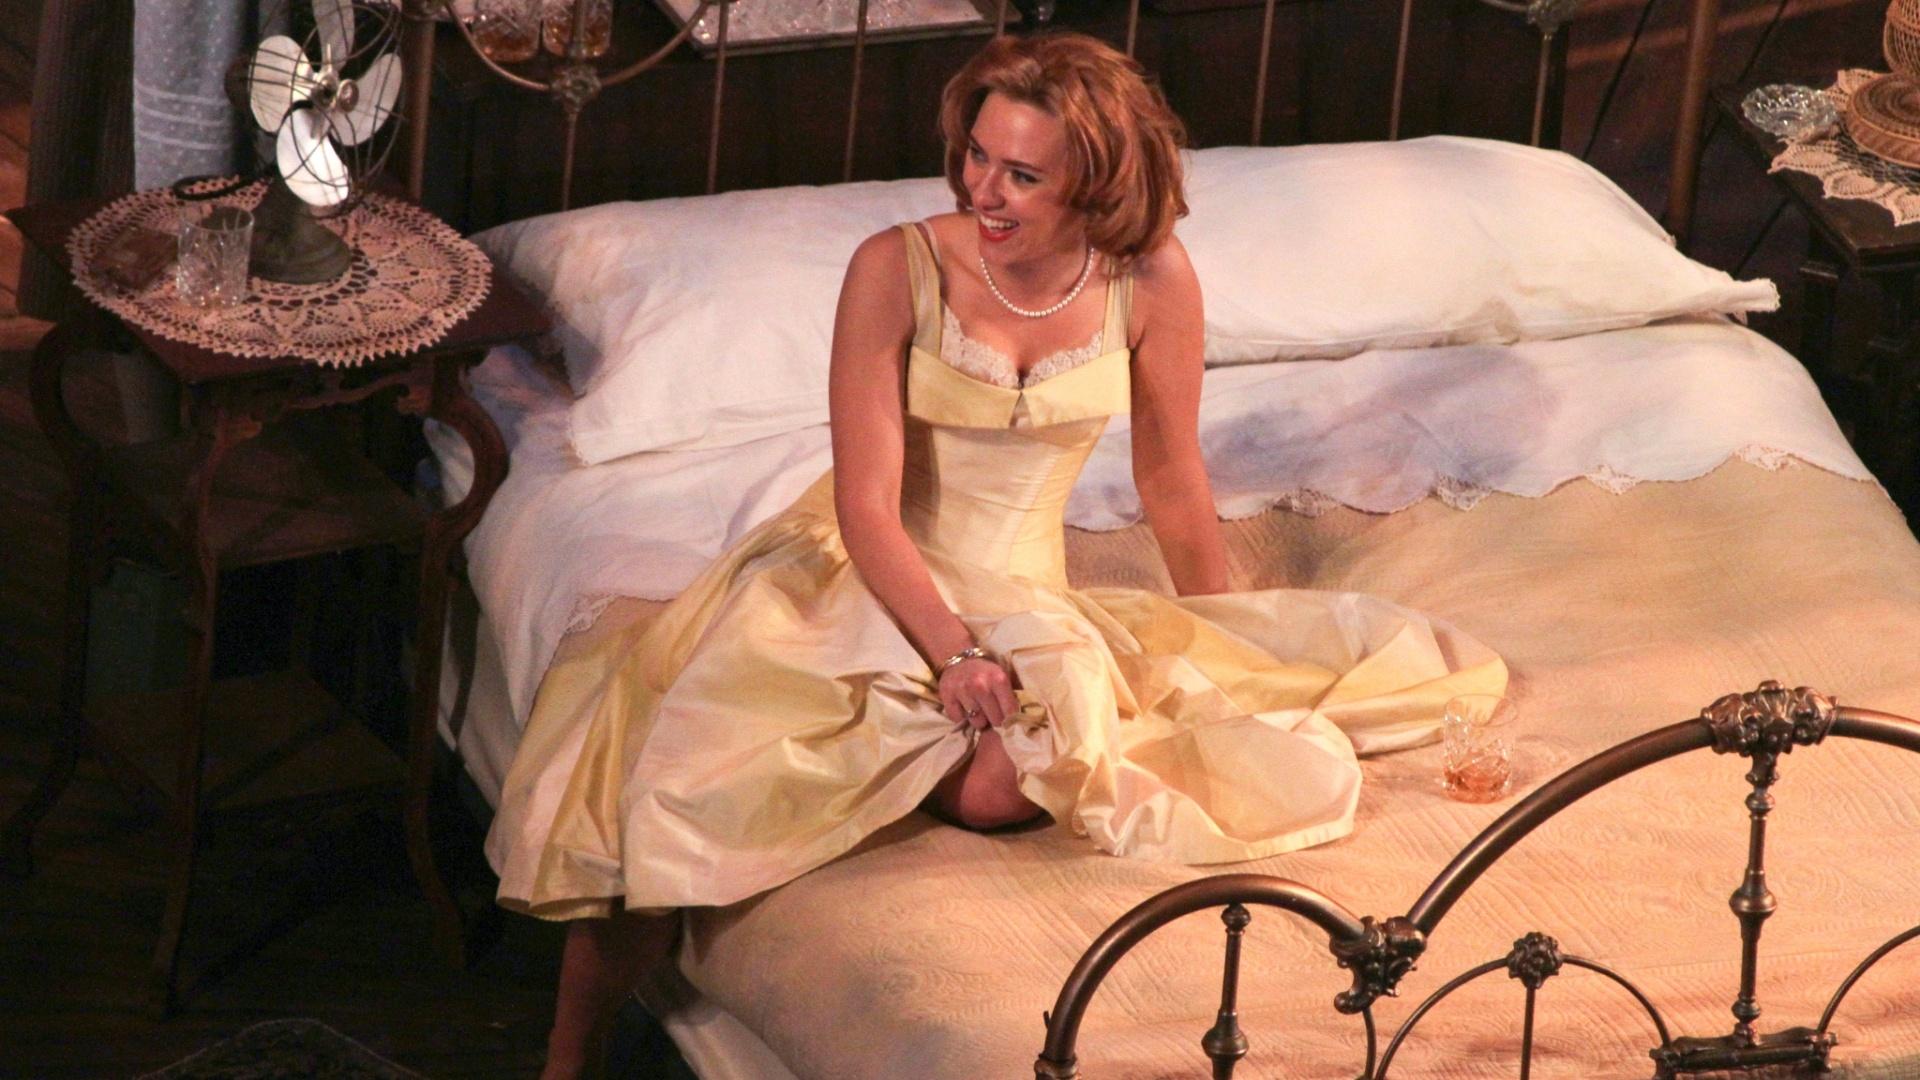 21.dez.2012 - Em entrevista, Scarlett Johansson afirmou achar exageradas algumas das encarnação de sua personagem, que também já foi vivida por Anika Noni Rose, Ashley Judd e Kathleen Turner em outras montagens